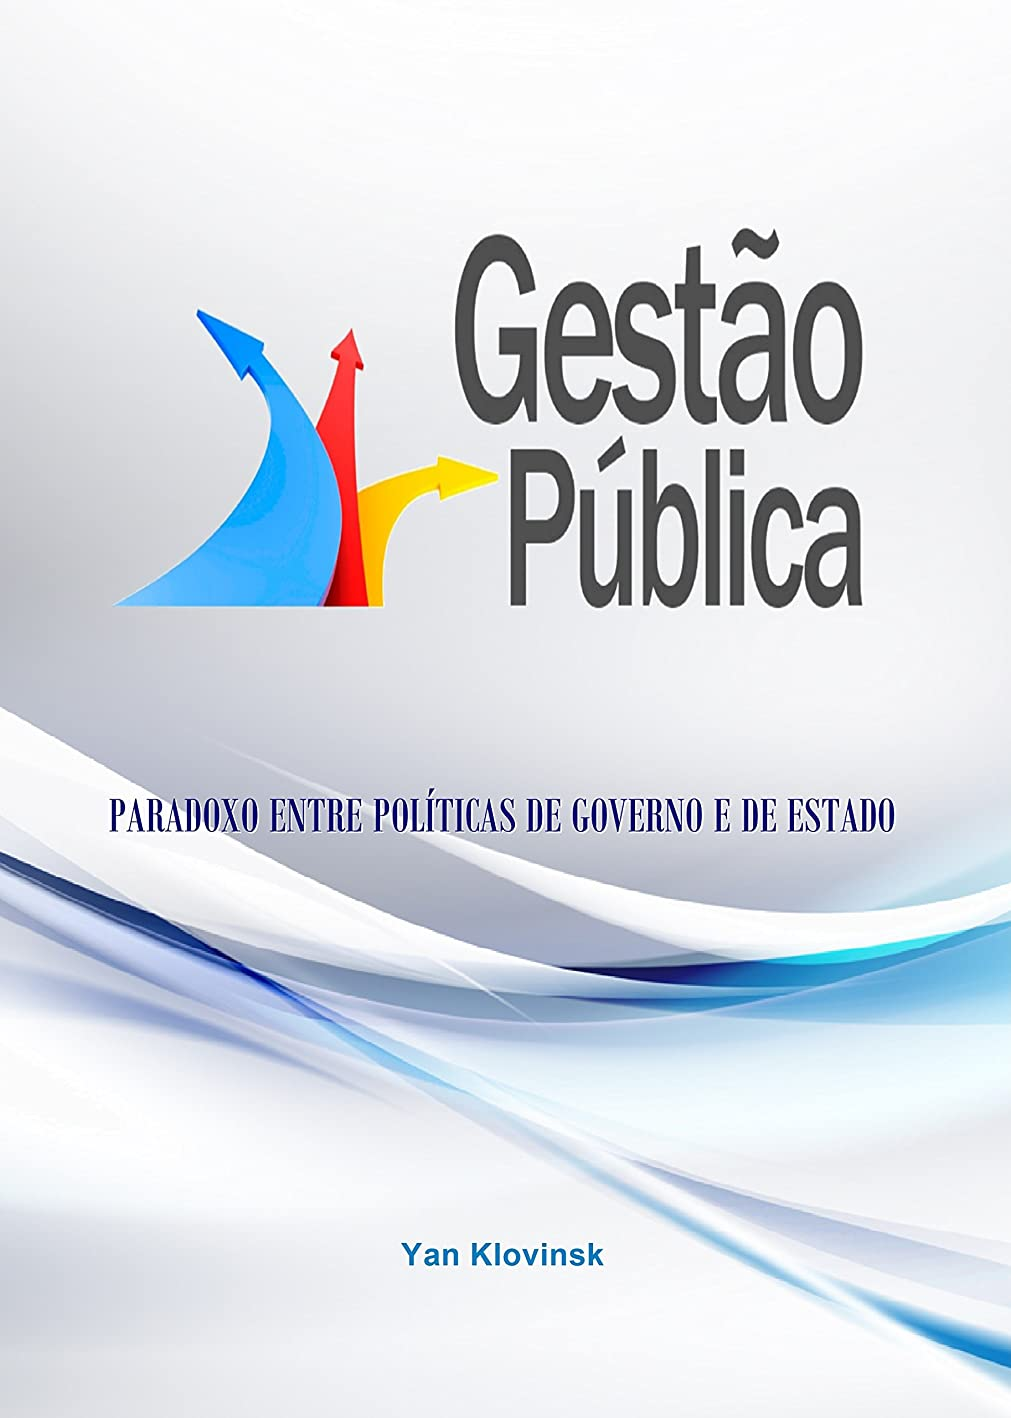 深く苦しむ王朝Gest?o Pública: Paradoxo entre Políticas de Governo e de Estado (Portuguese Edition)